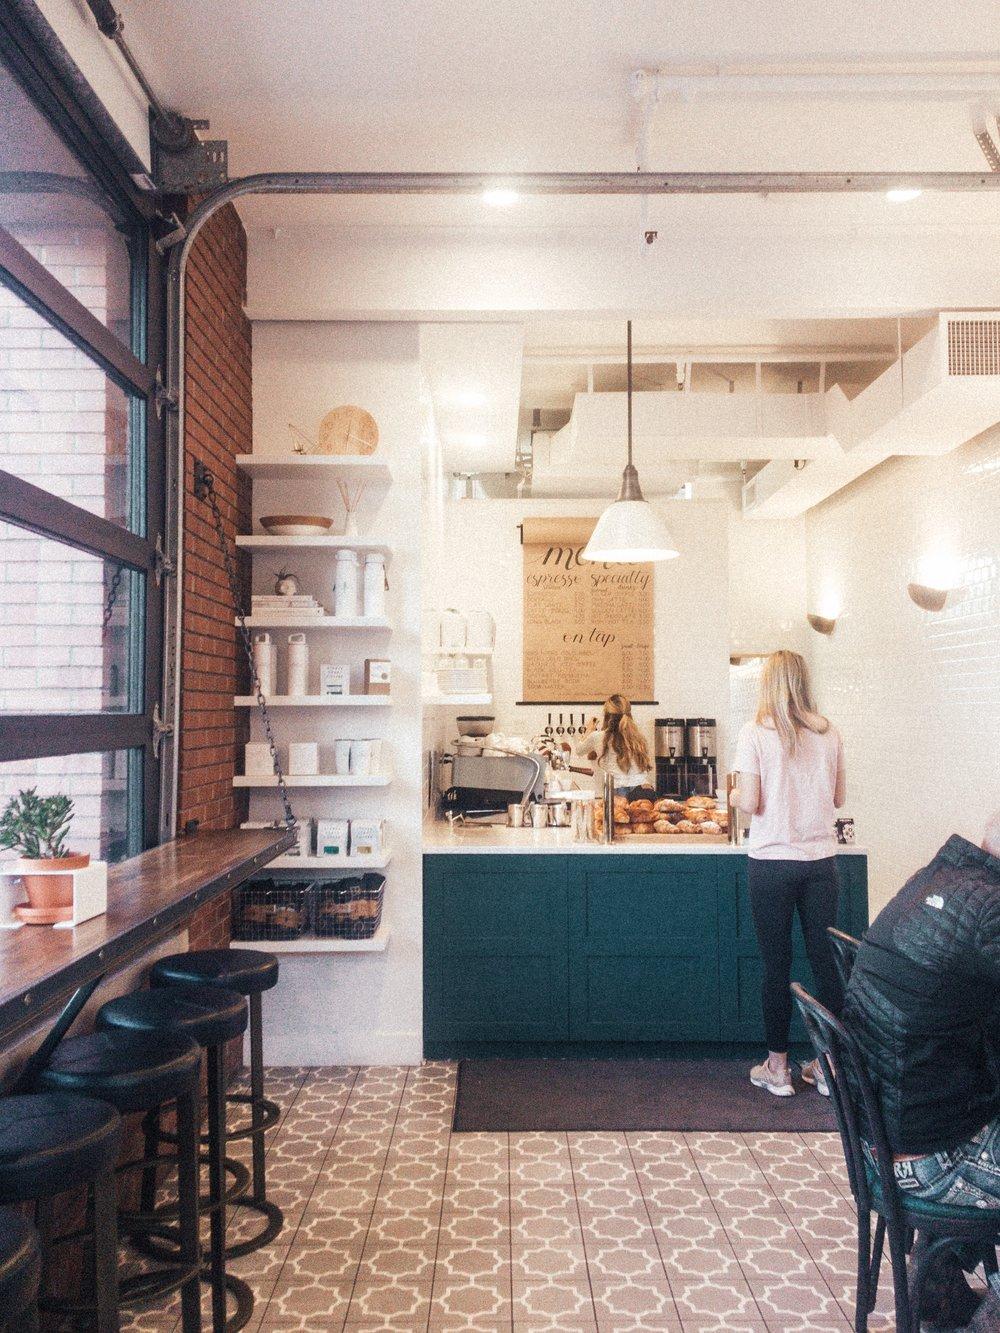 Blue Sparrow Cafe in Denver